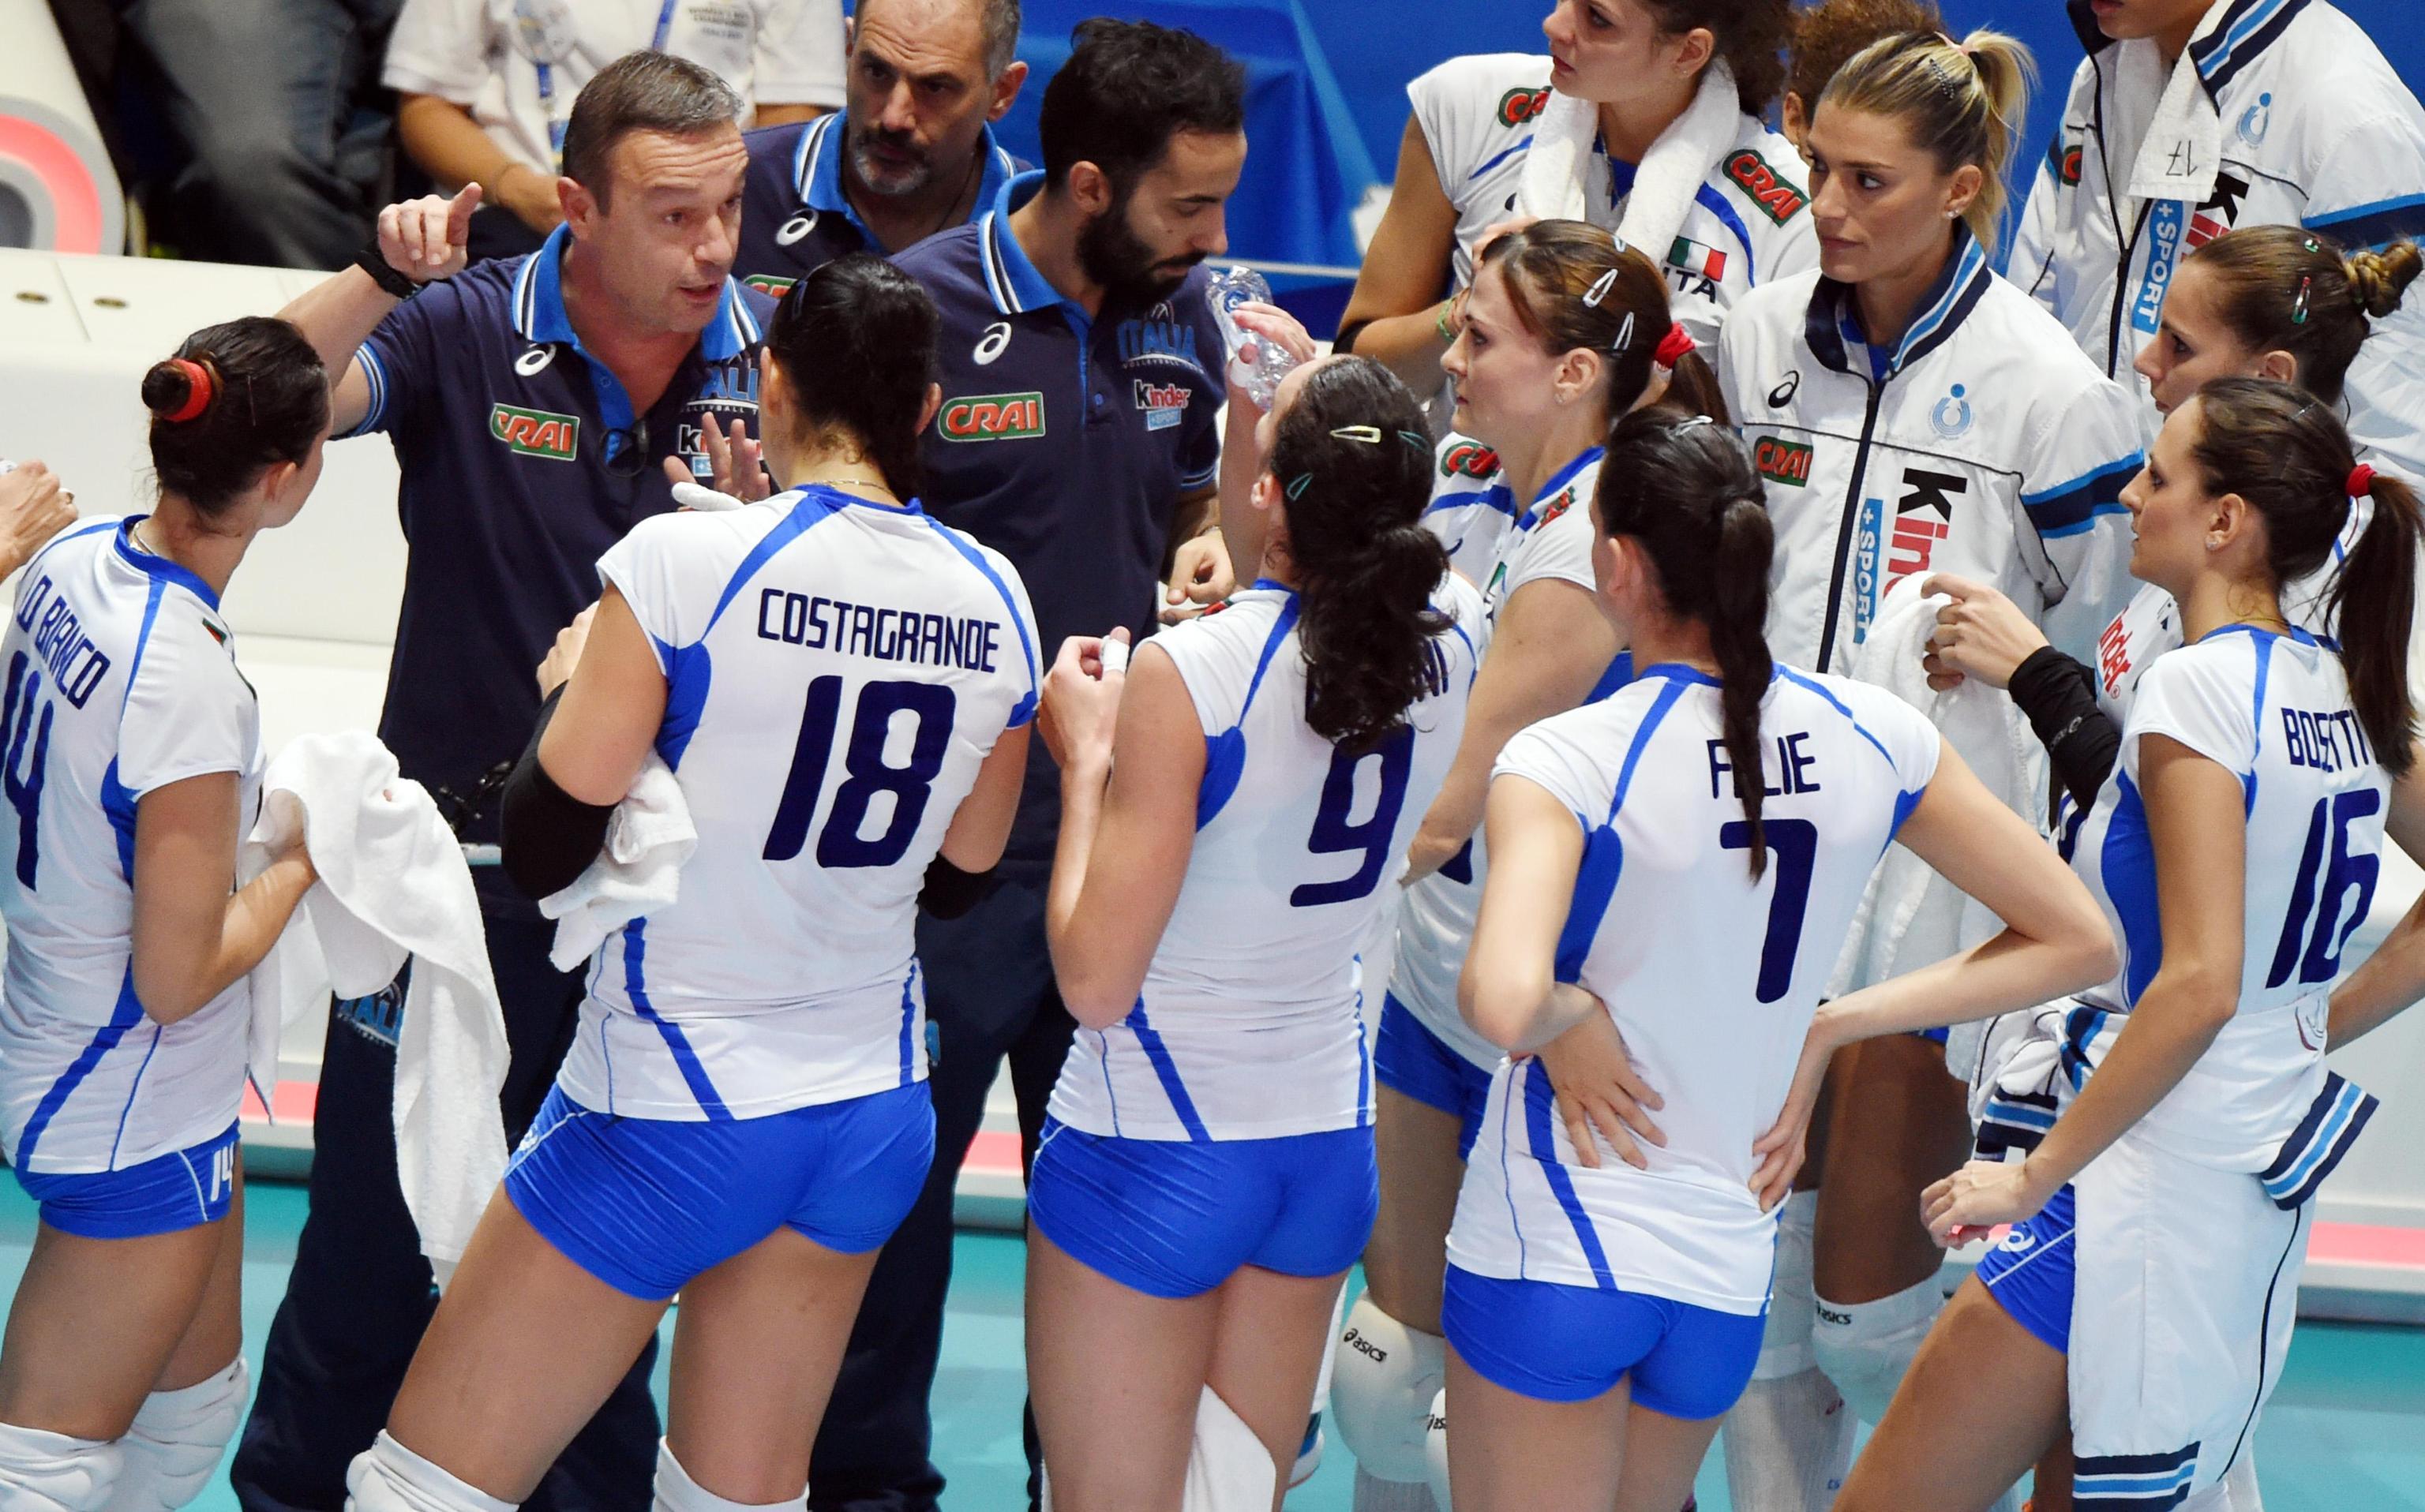 Pallavolo_Mondiali_Italia_Cina_16